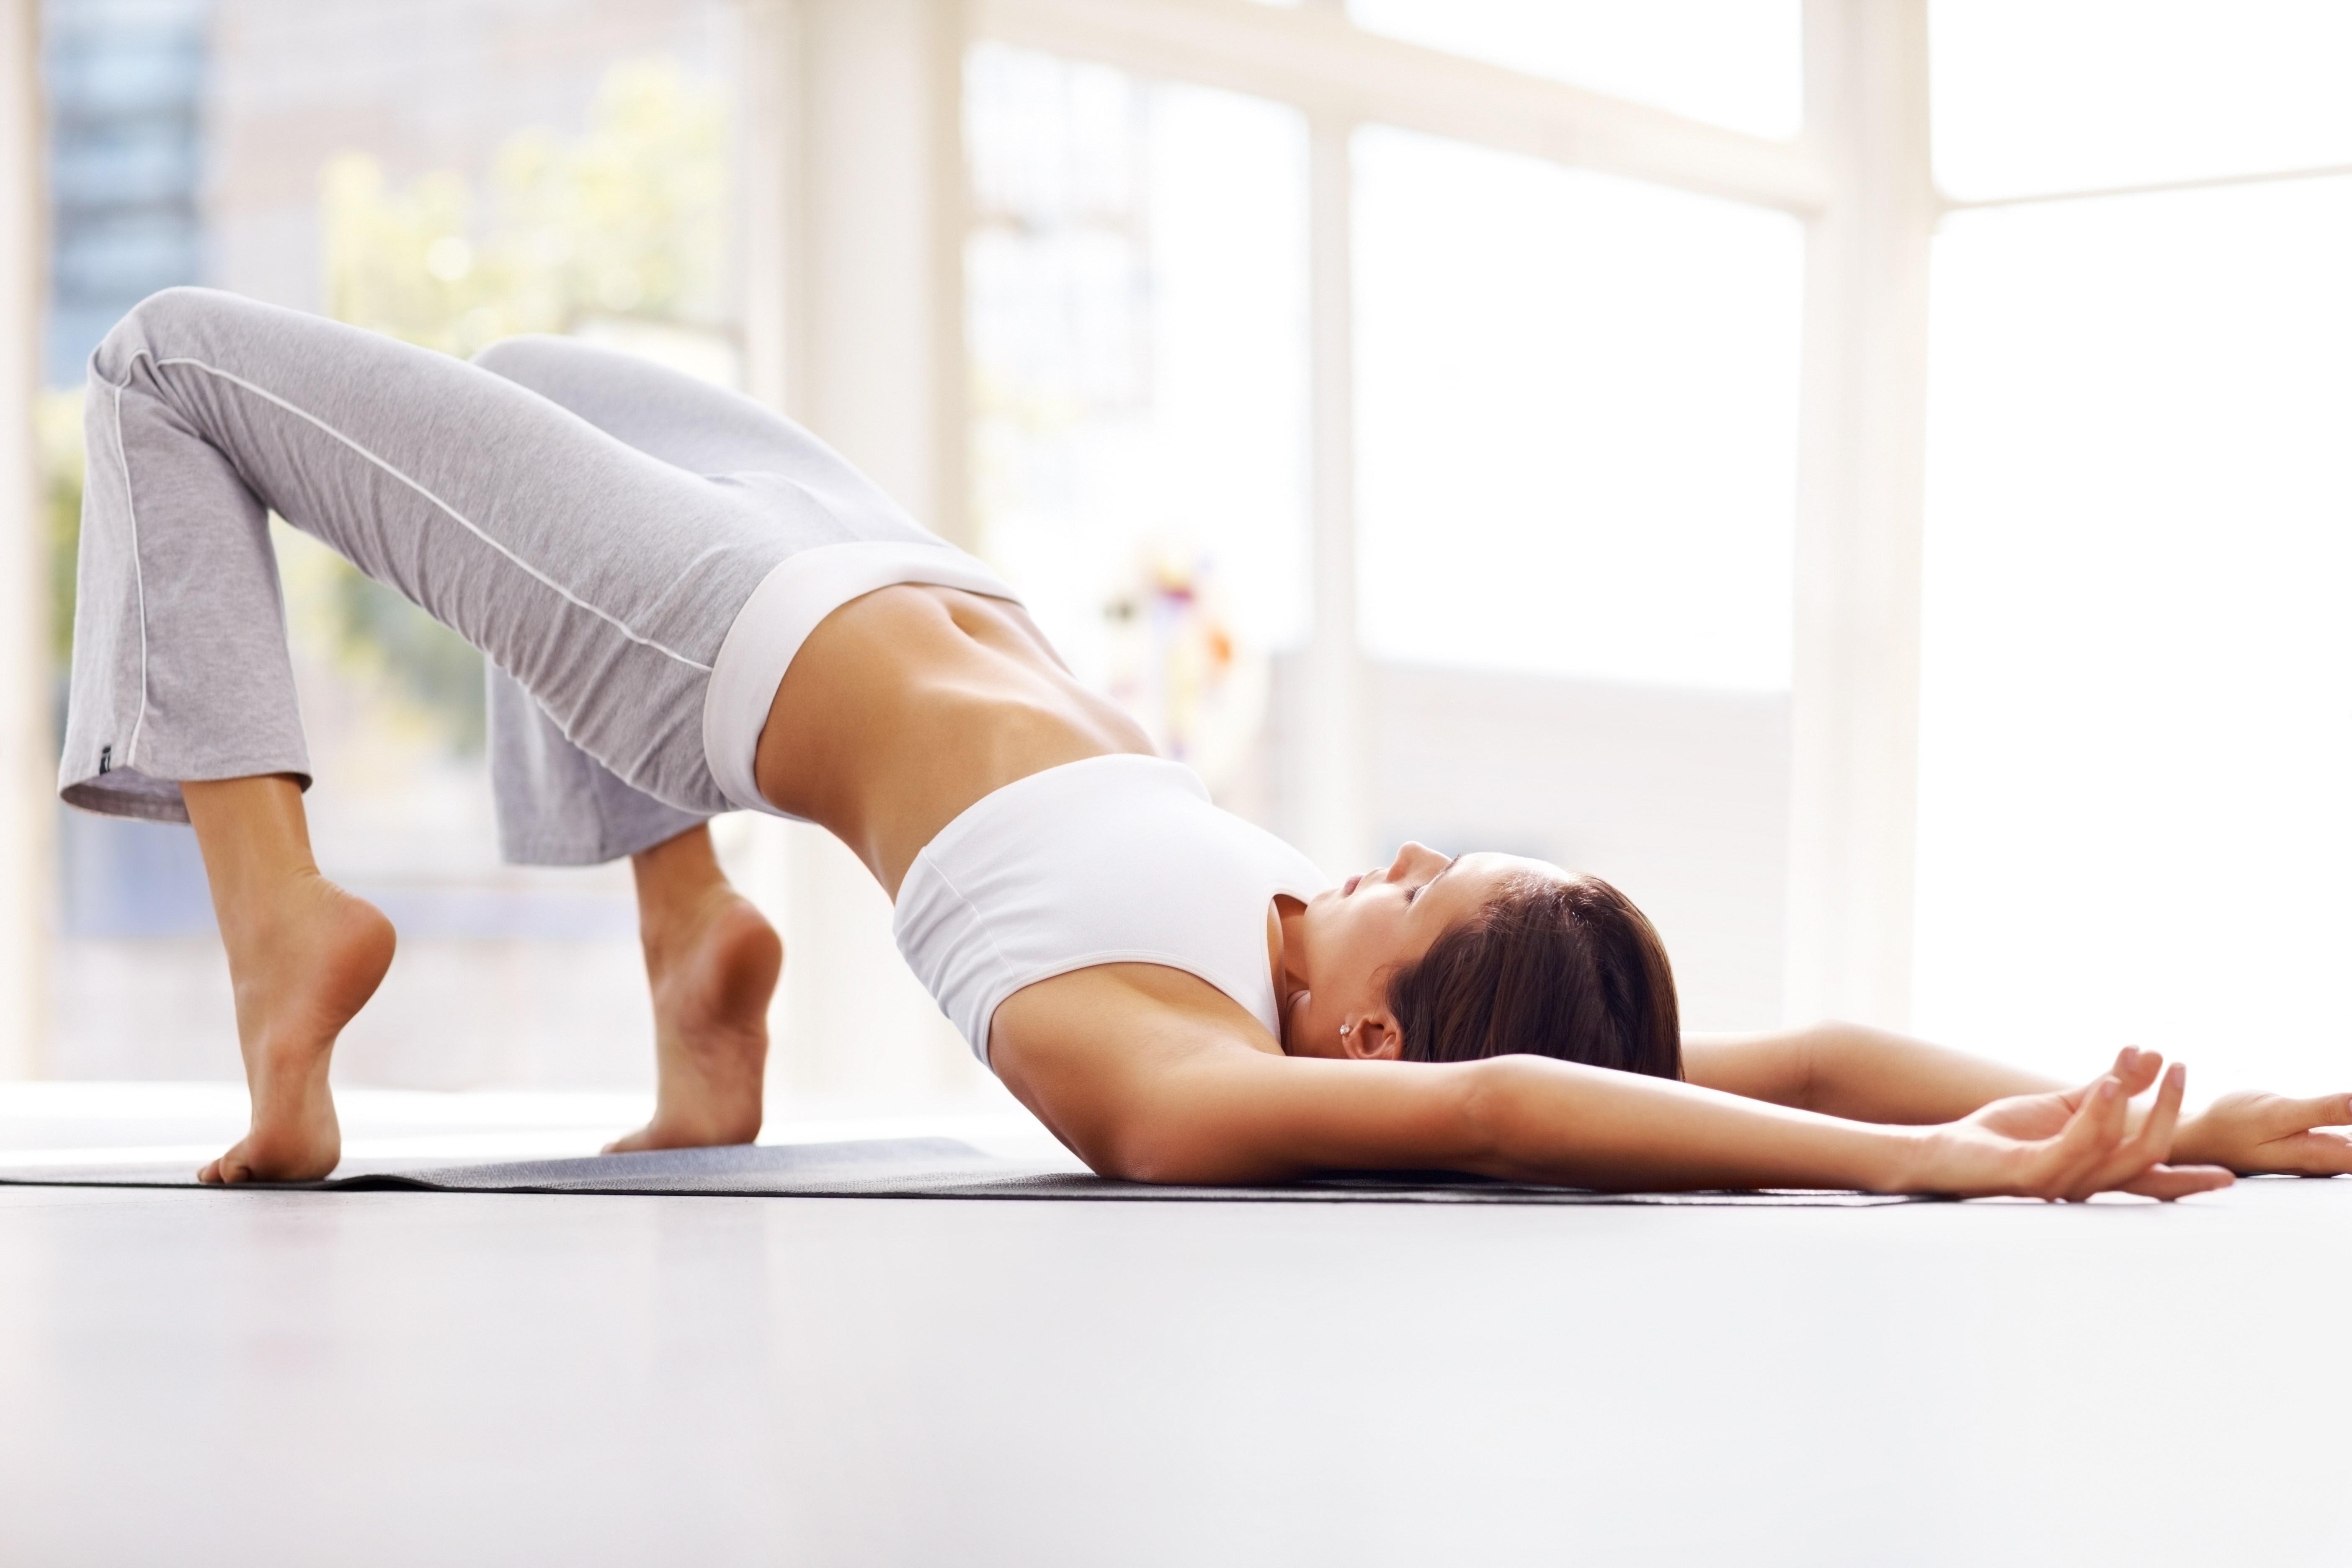 Йога Растяжка Для Похудения. 10 лучших йога поз для быстрой потери веса